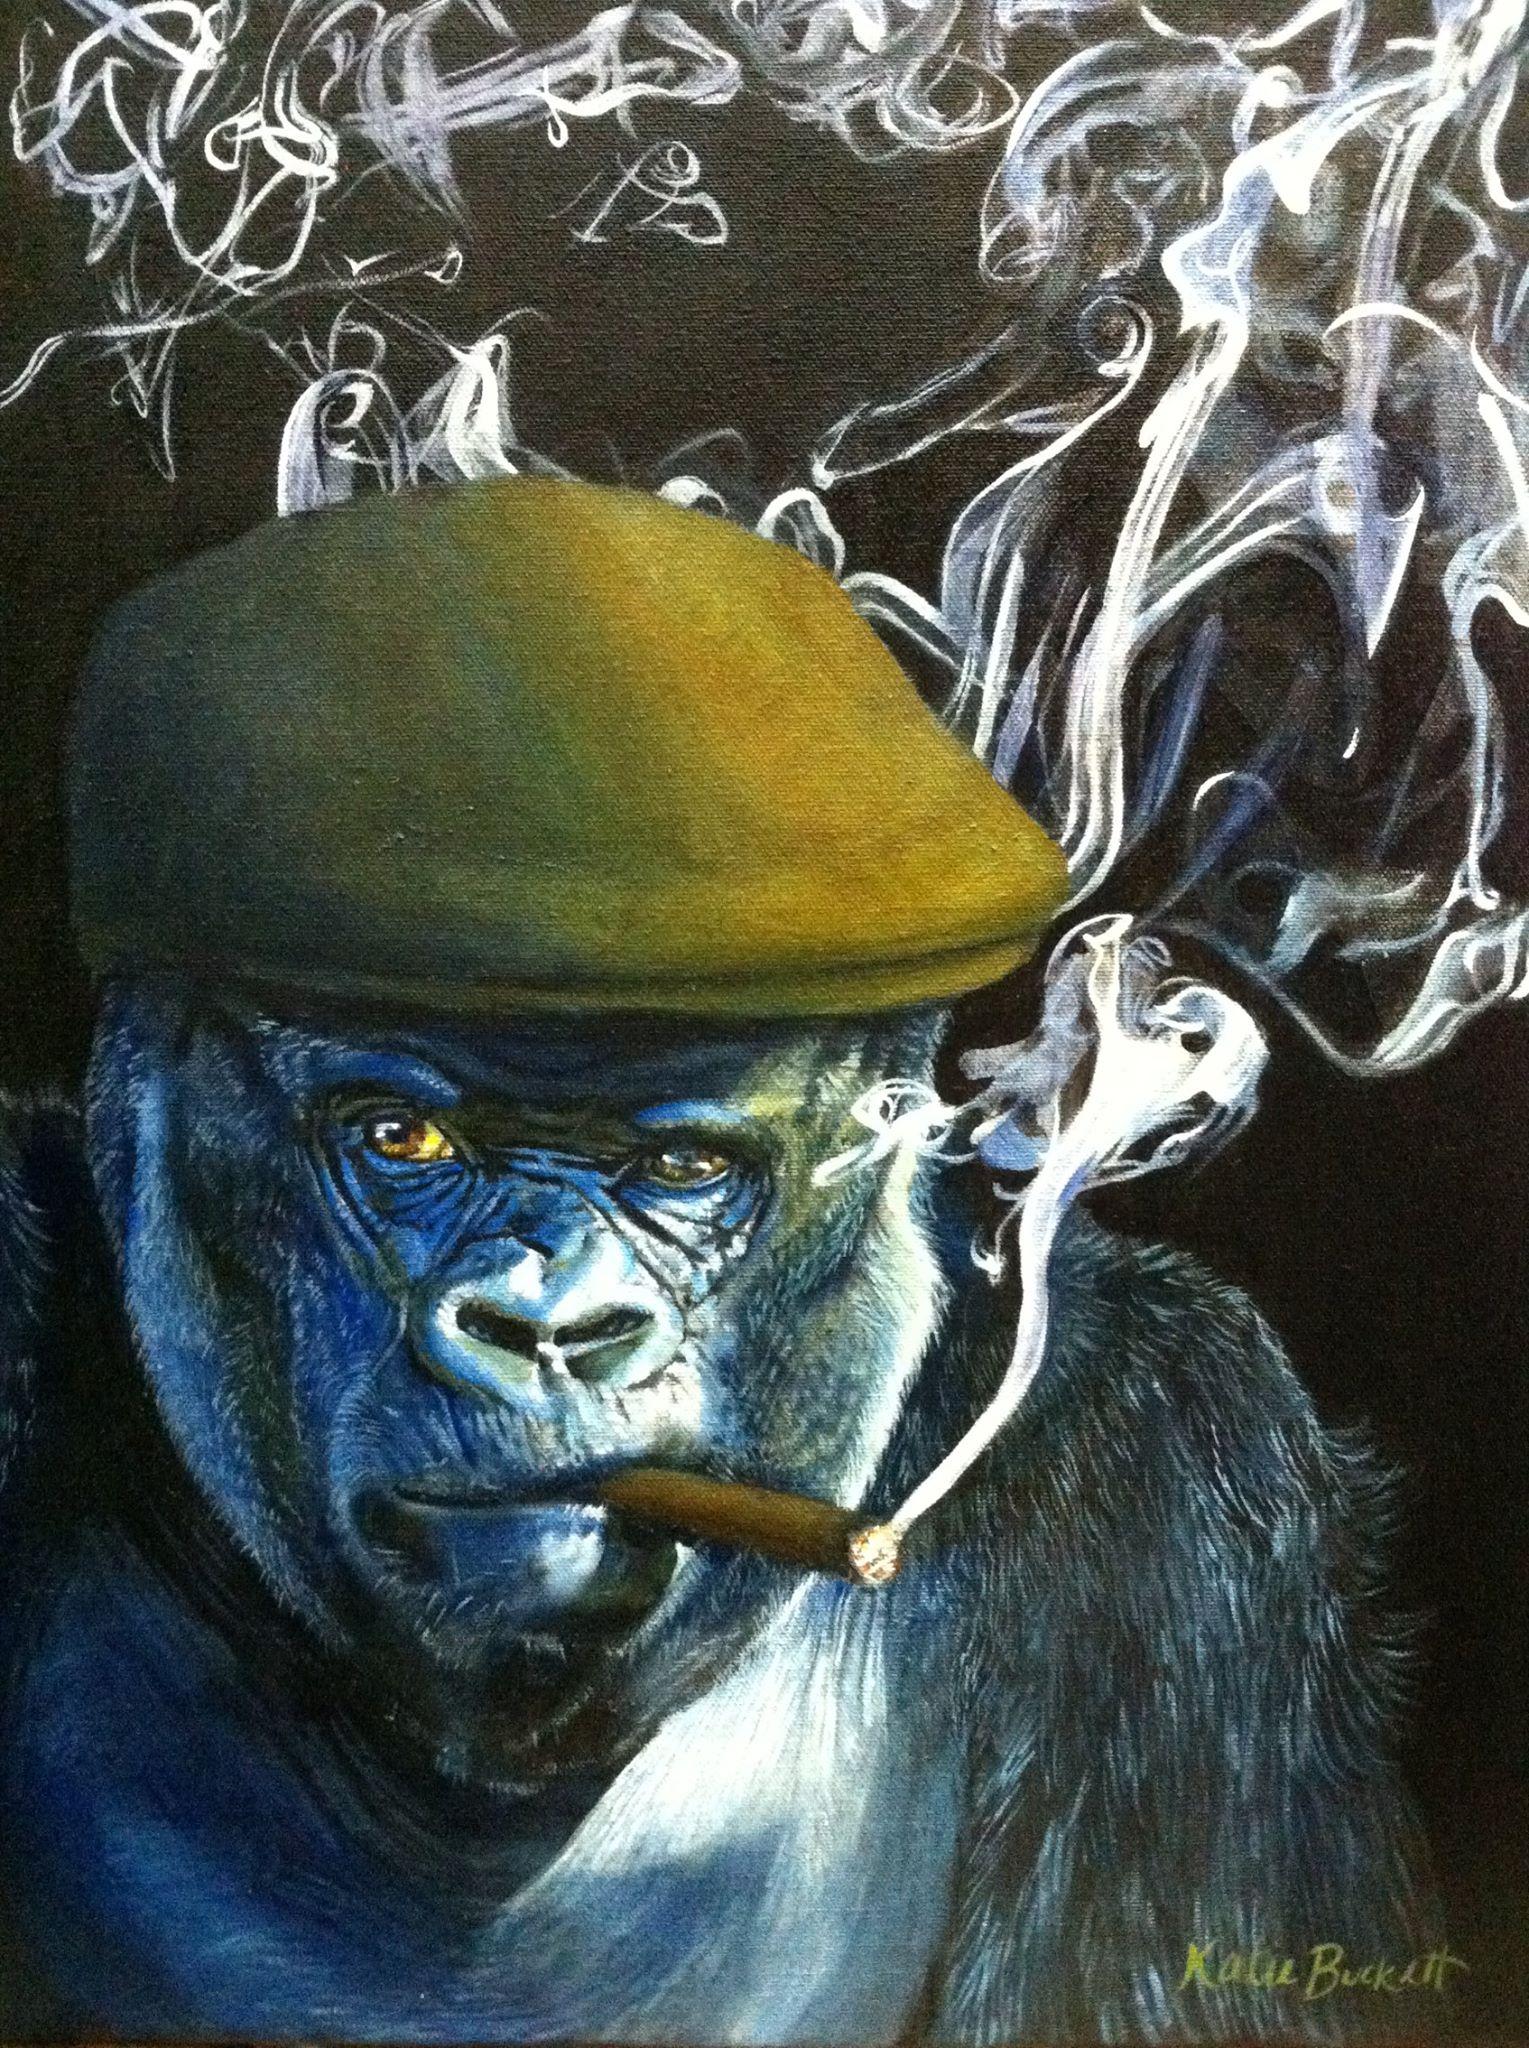 'Silverback Smoking' (The Welder II)